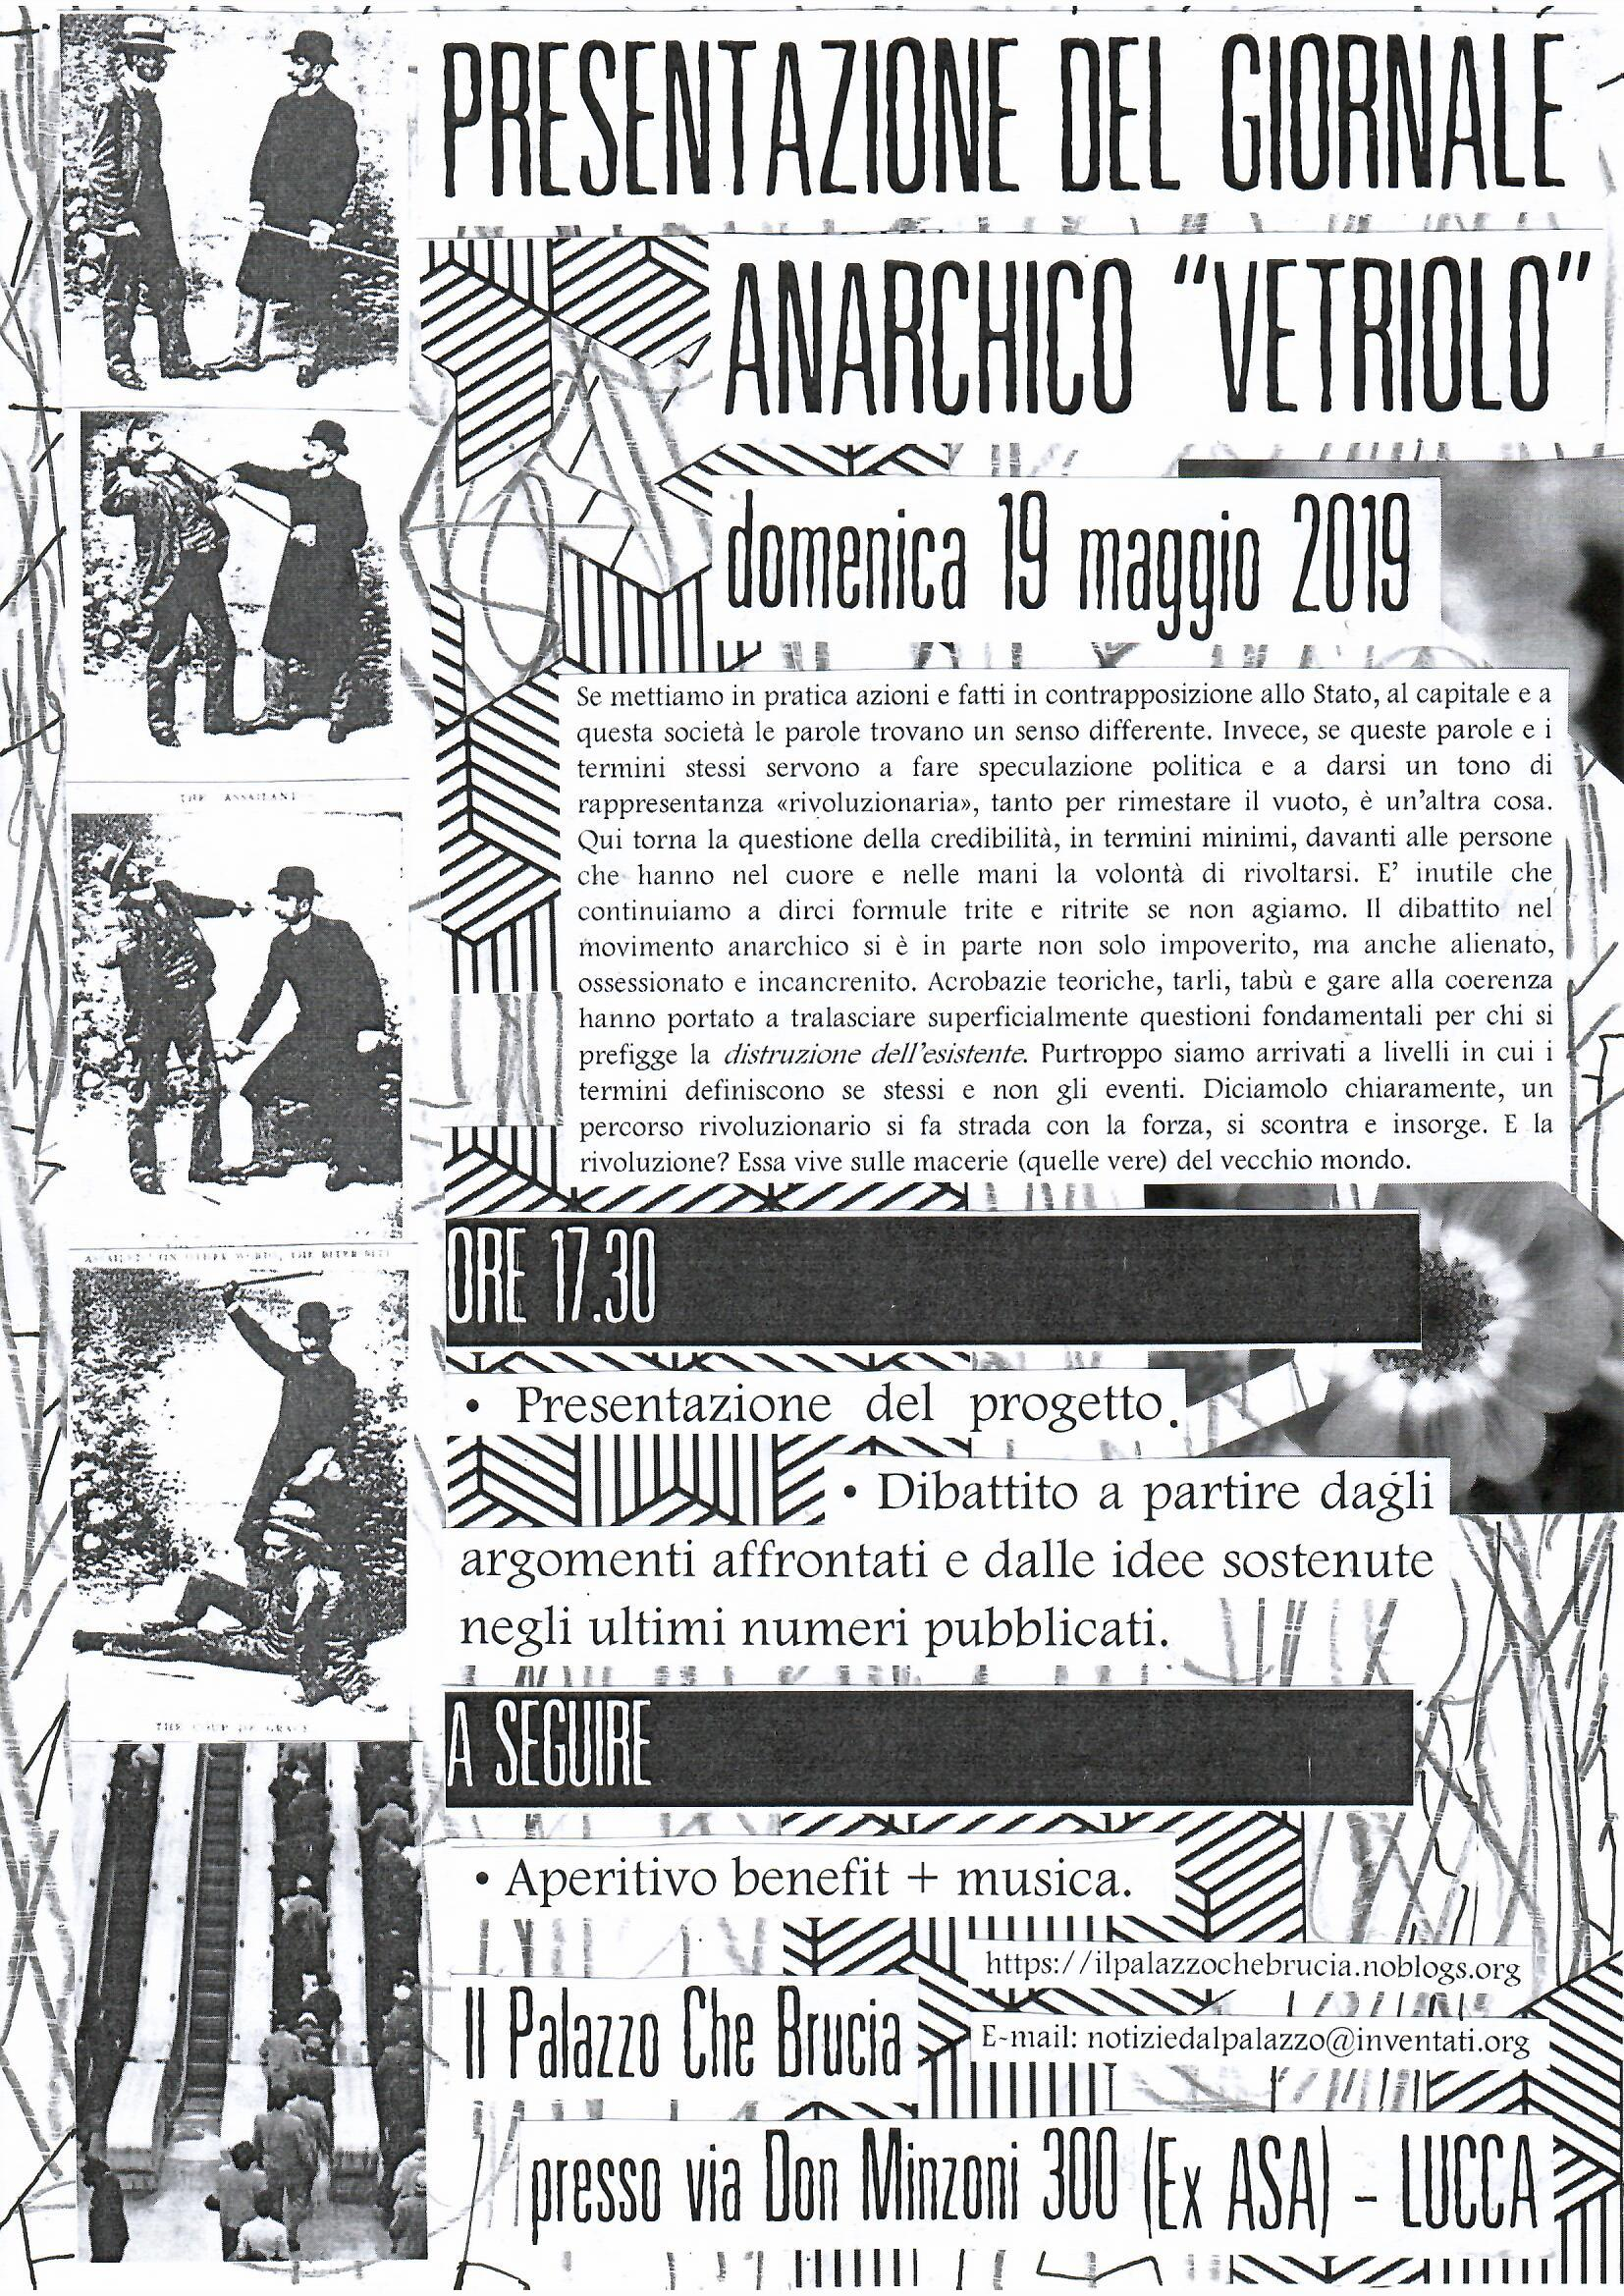 http://infernourbano.altervista.org/wp-content/uploads/2019/05/dibattito-19-maggio-19-lucca.jpg